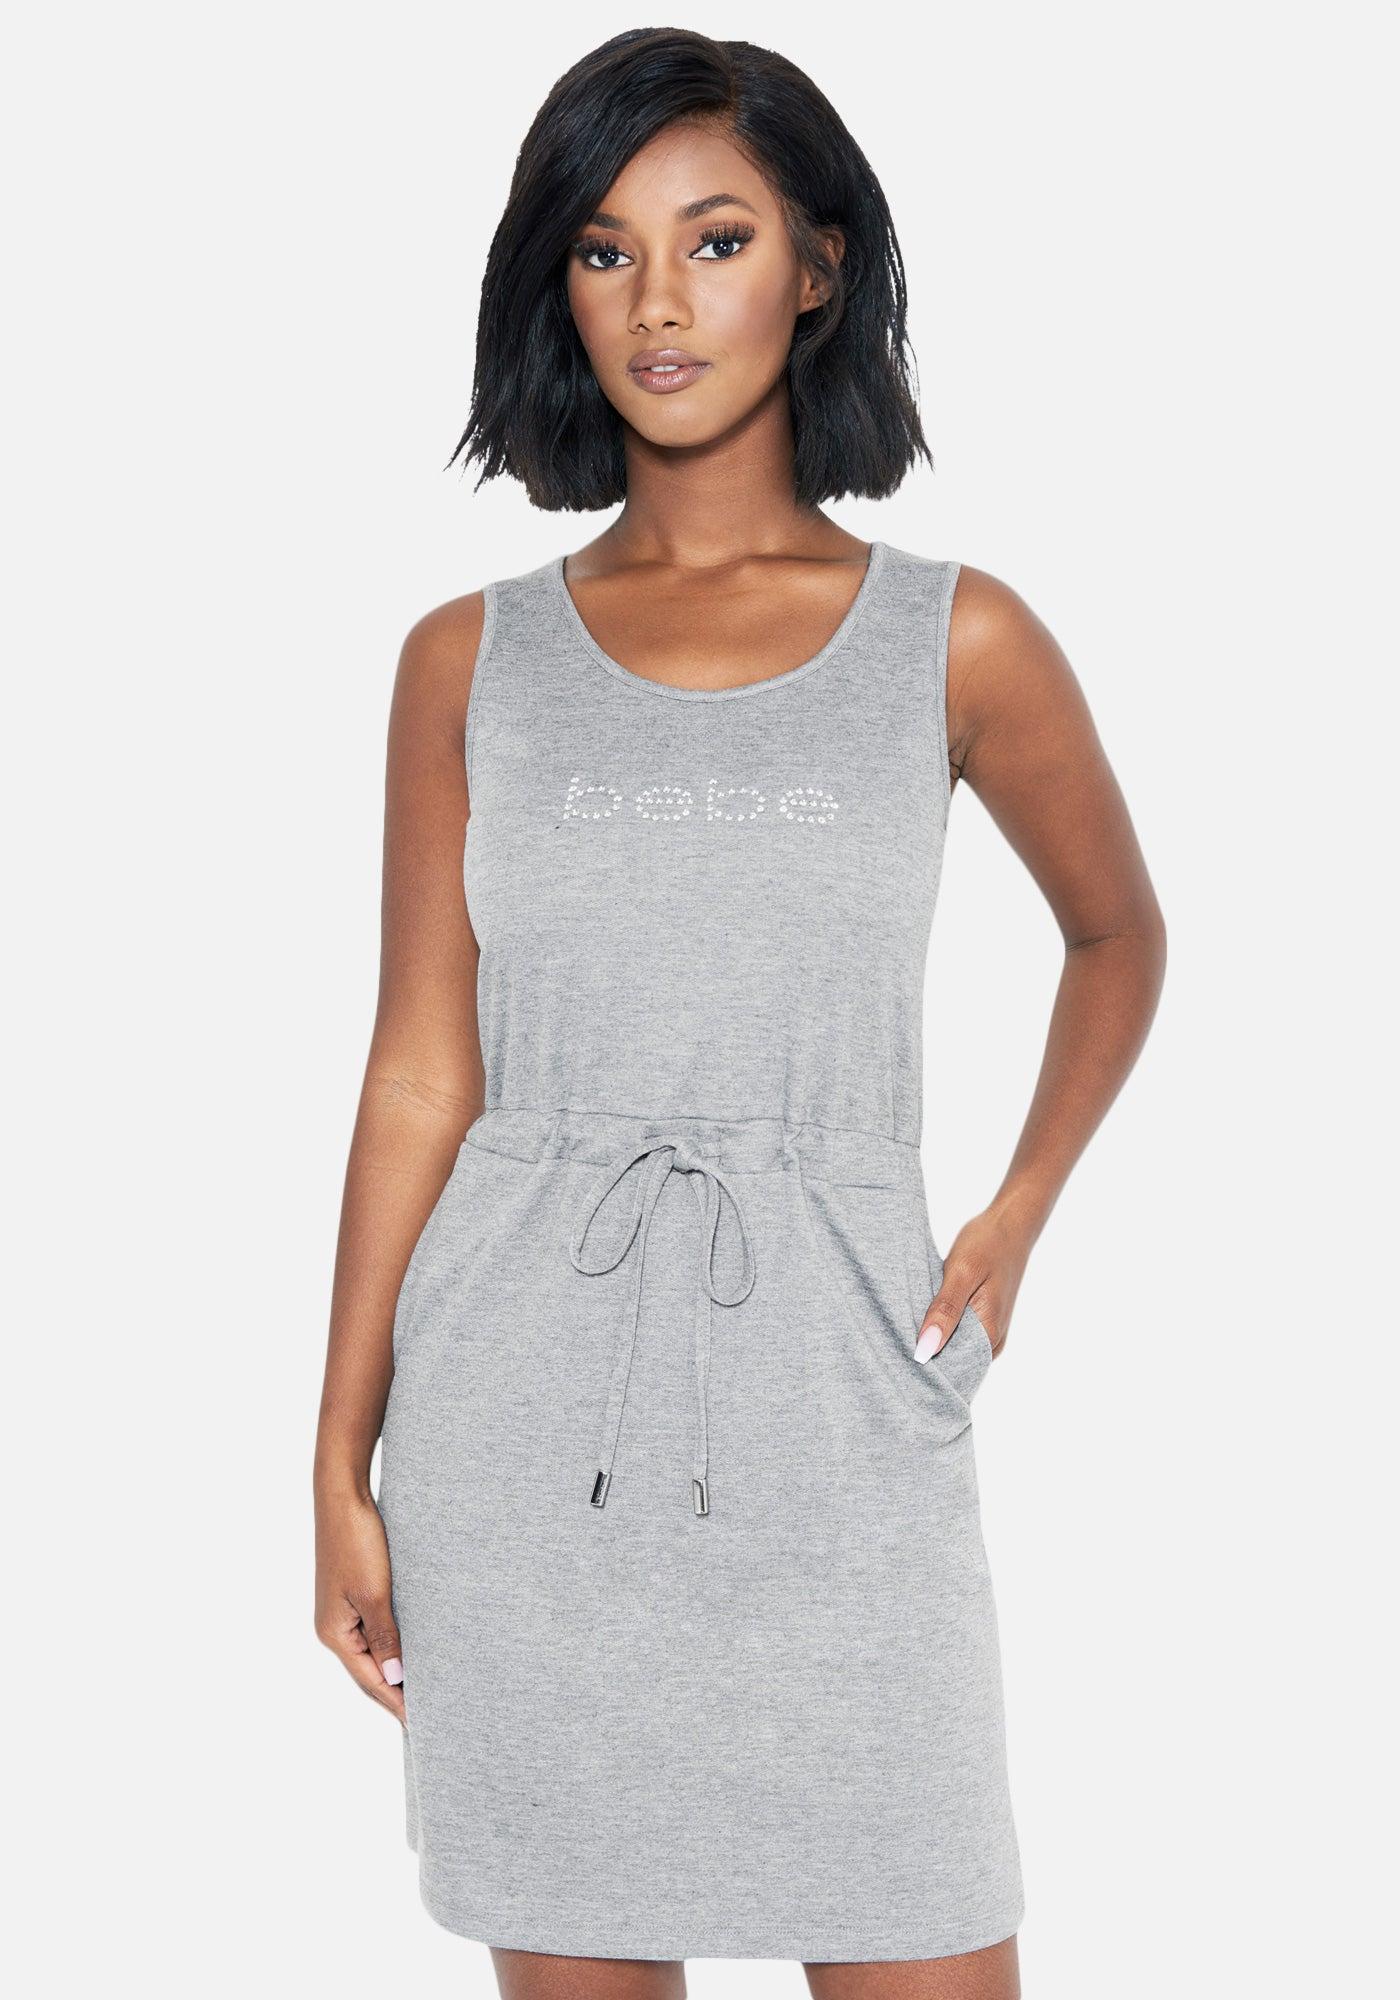 Bebe Women's French Terry Tank Dress, Size XXS in Heather Grey Spandex